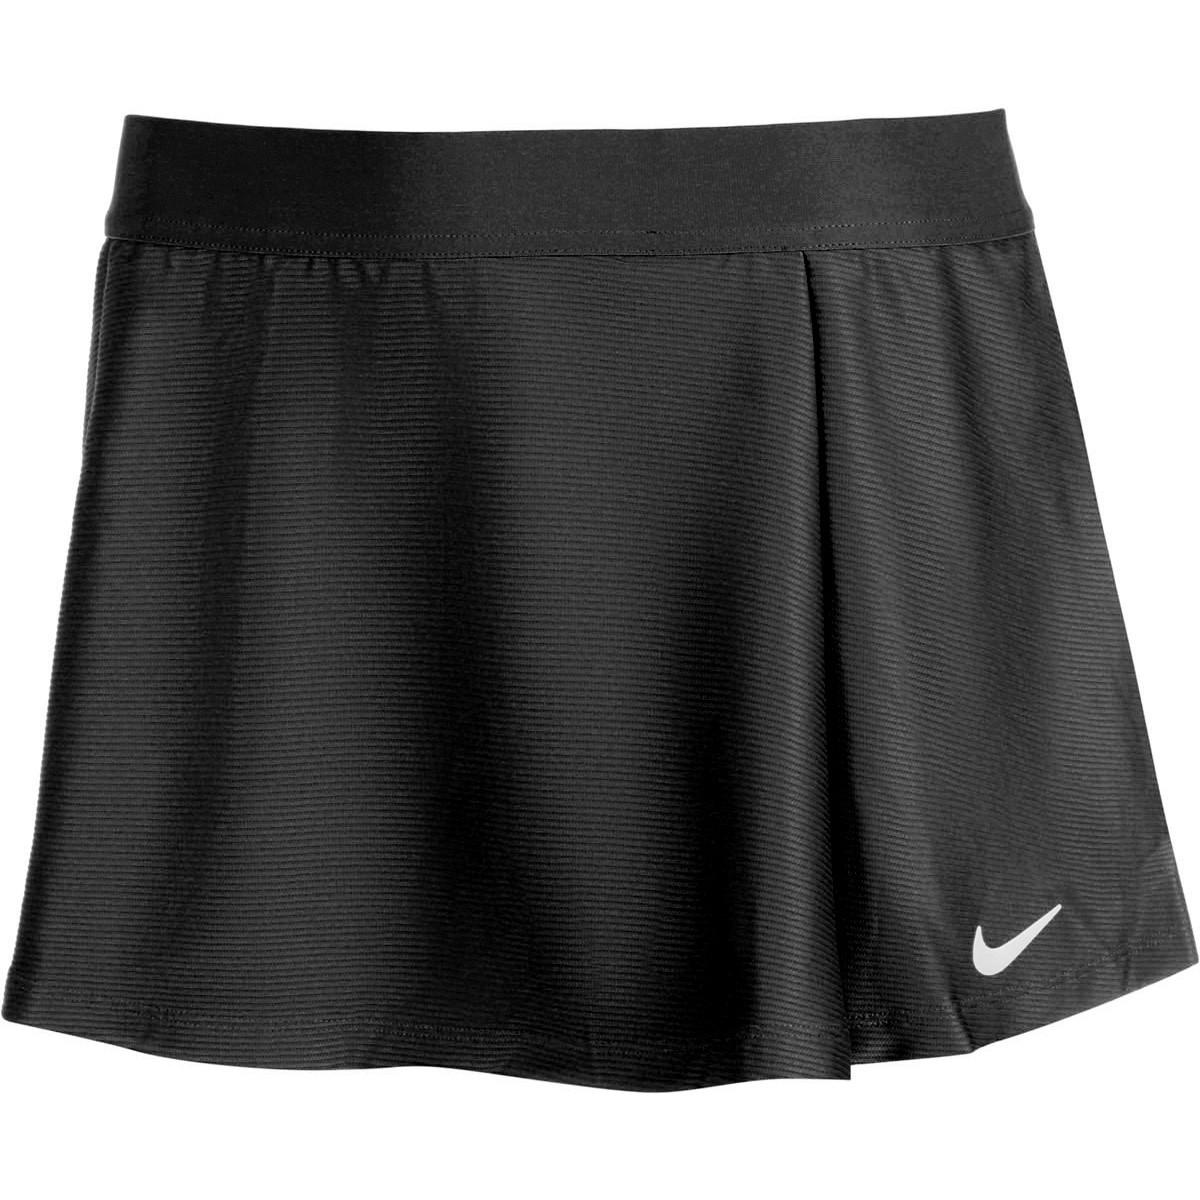 Теннисная юбка детская Nike Court Victory Flouncy Skirt black/white